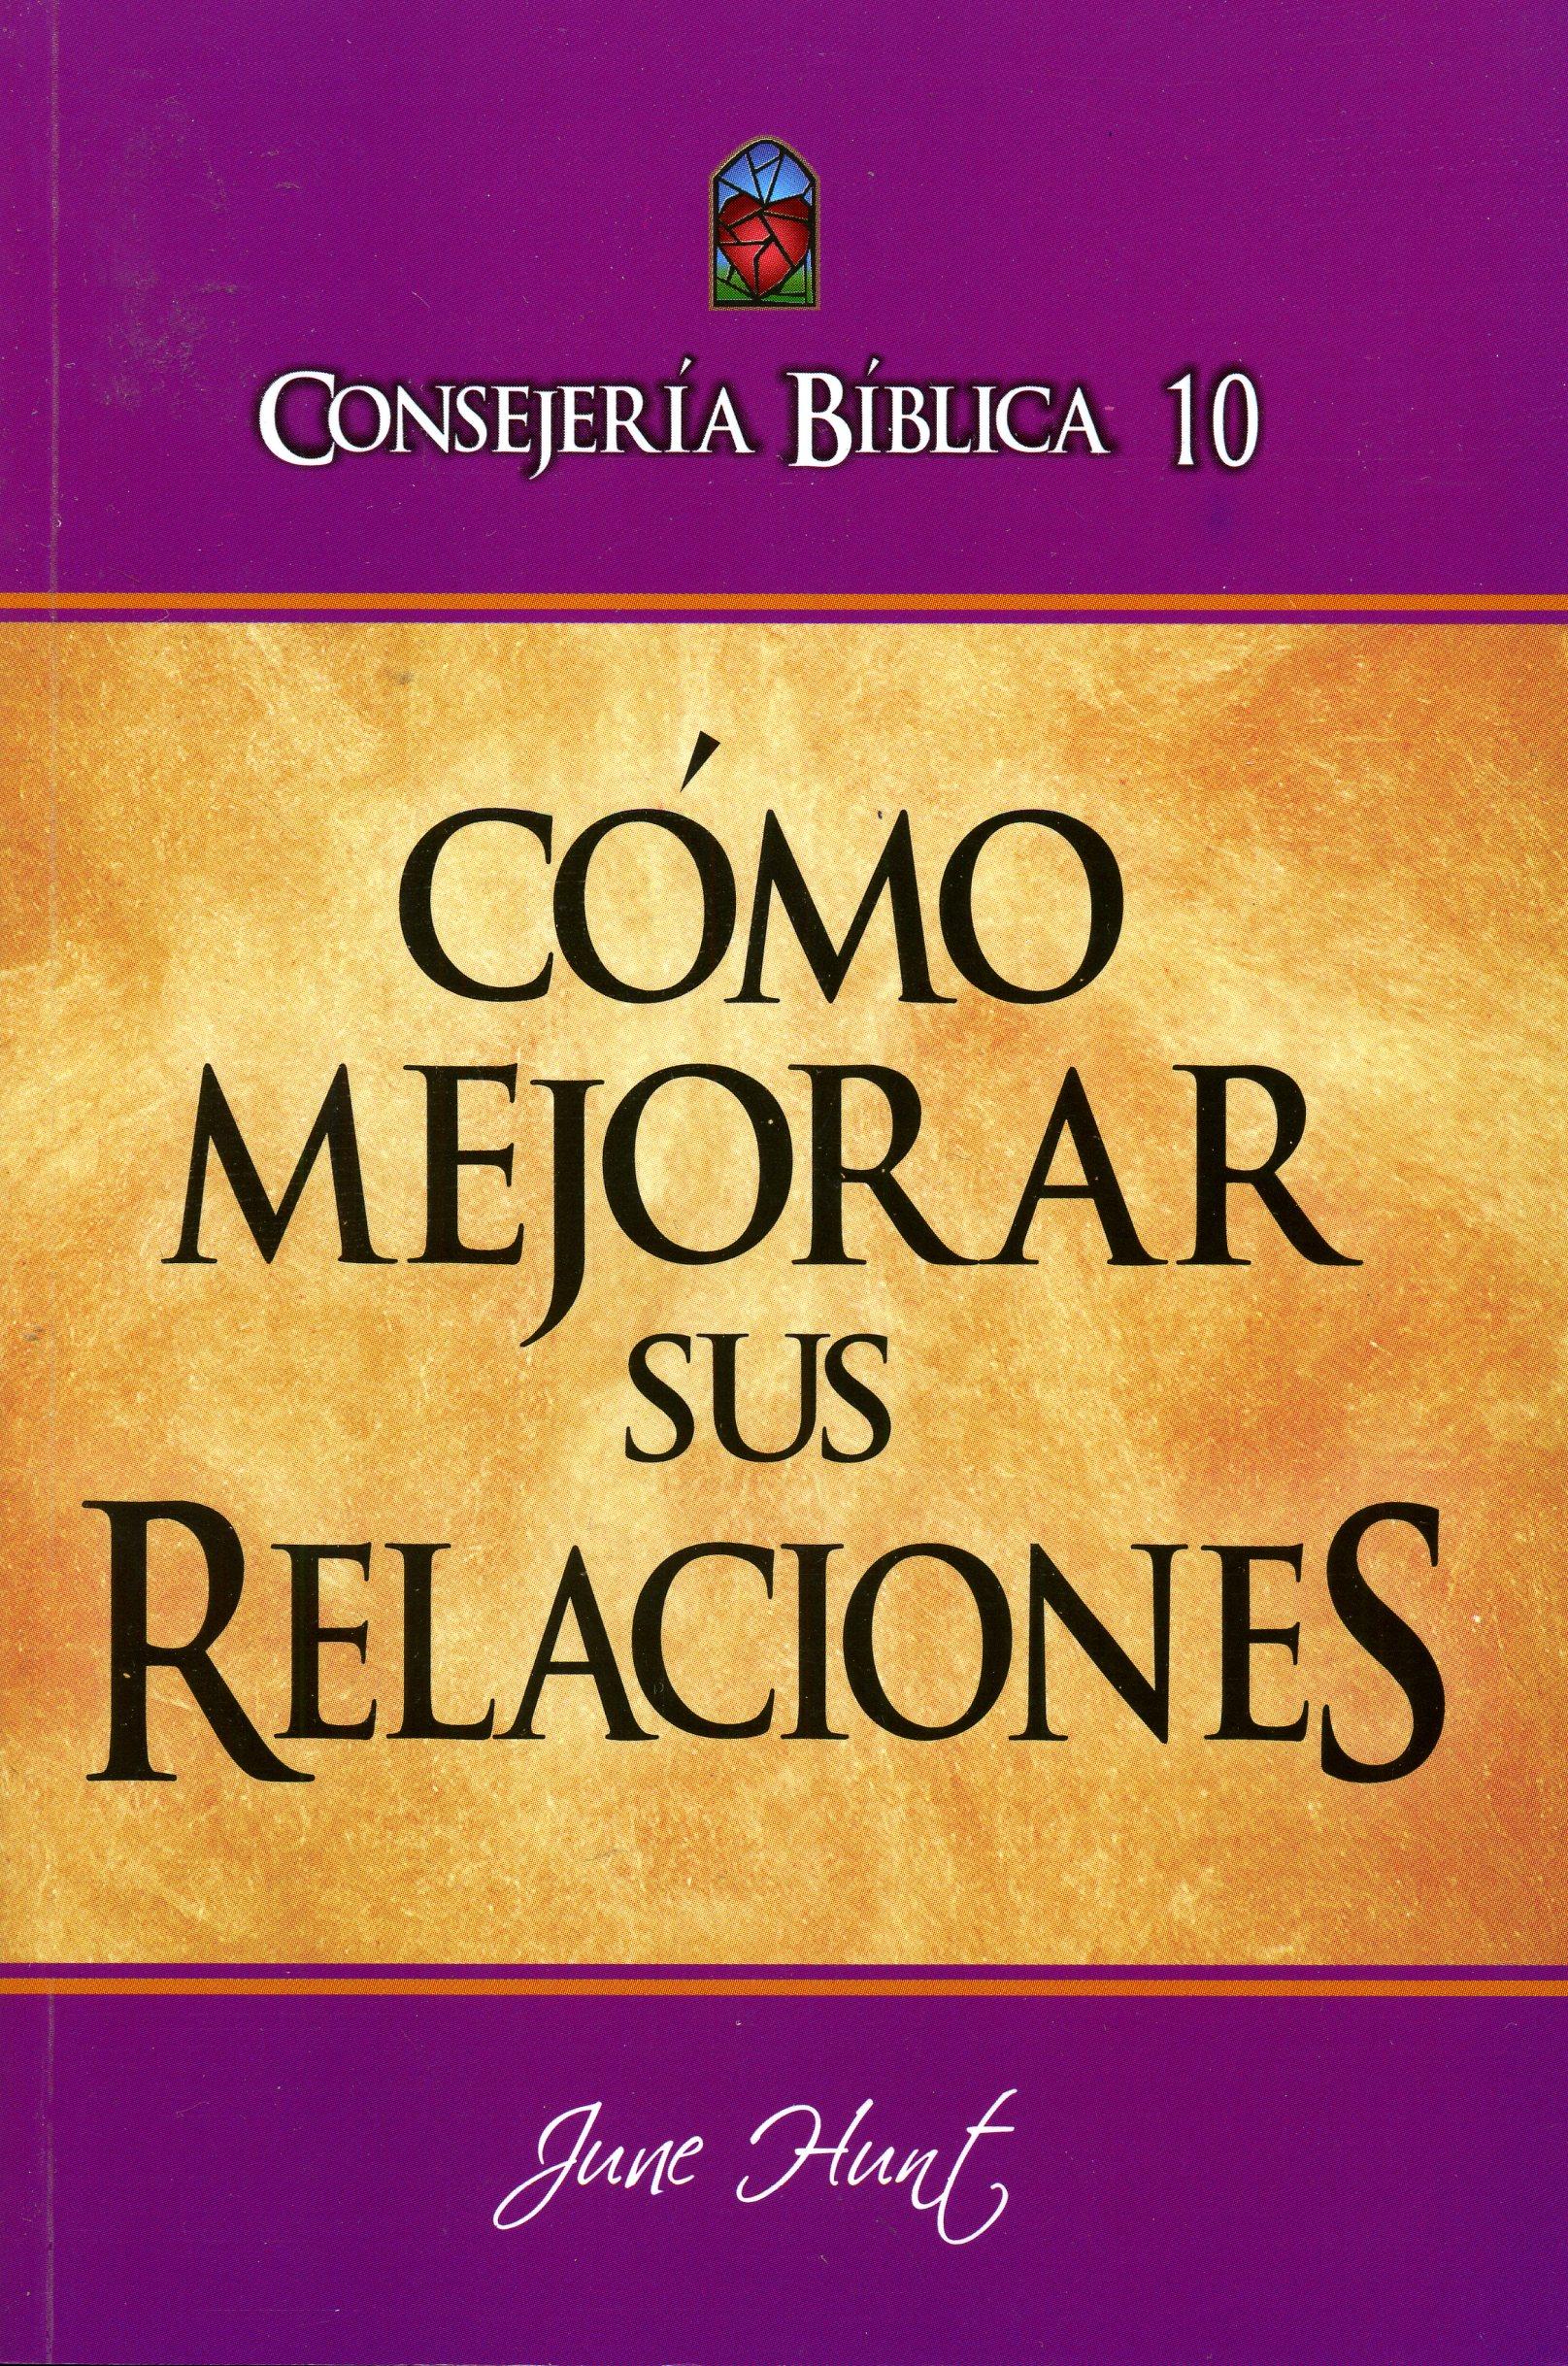 Consejería Bíblica 10 - Cómo Mejorar Sus Relaciones